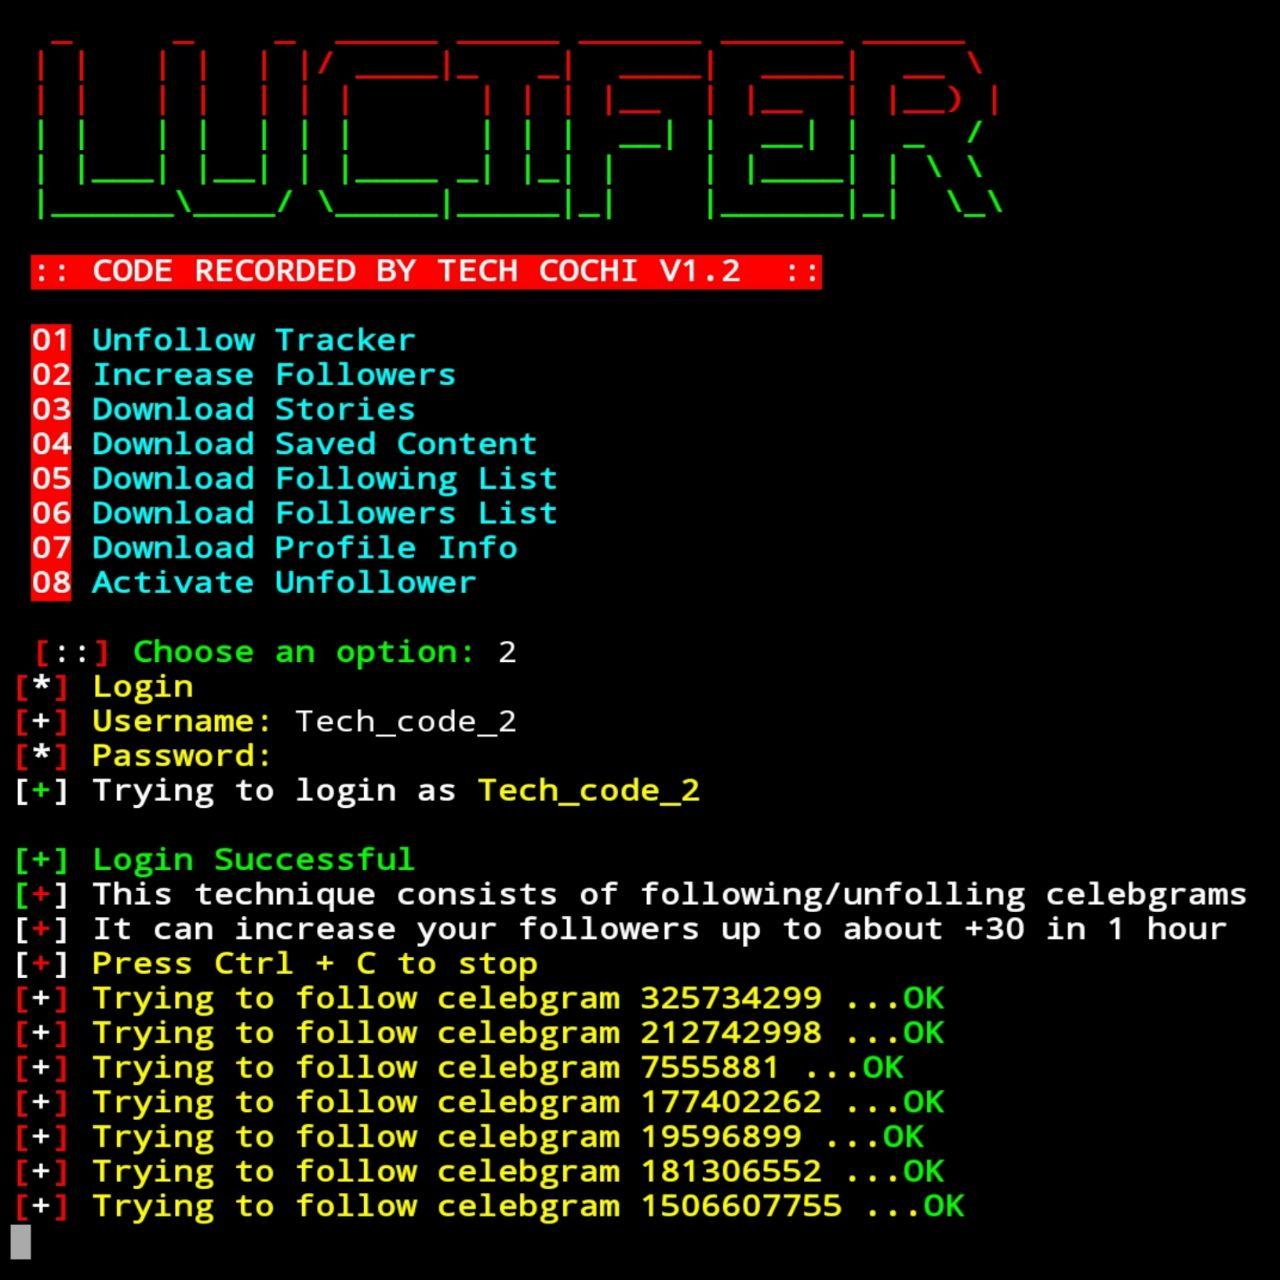 آموزش گرفتن فالوور رایگان با ترموکس + termux